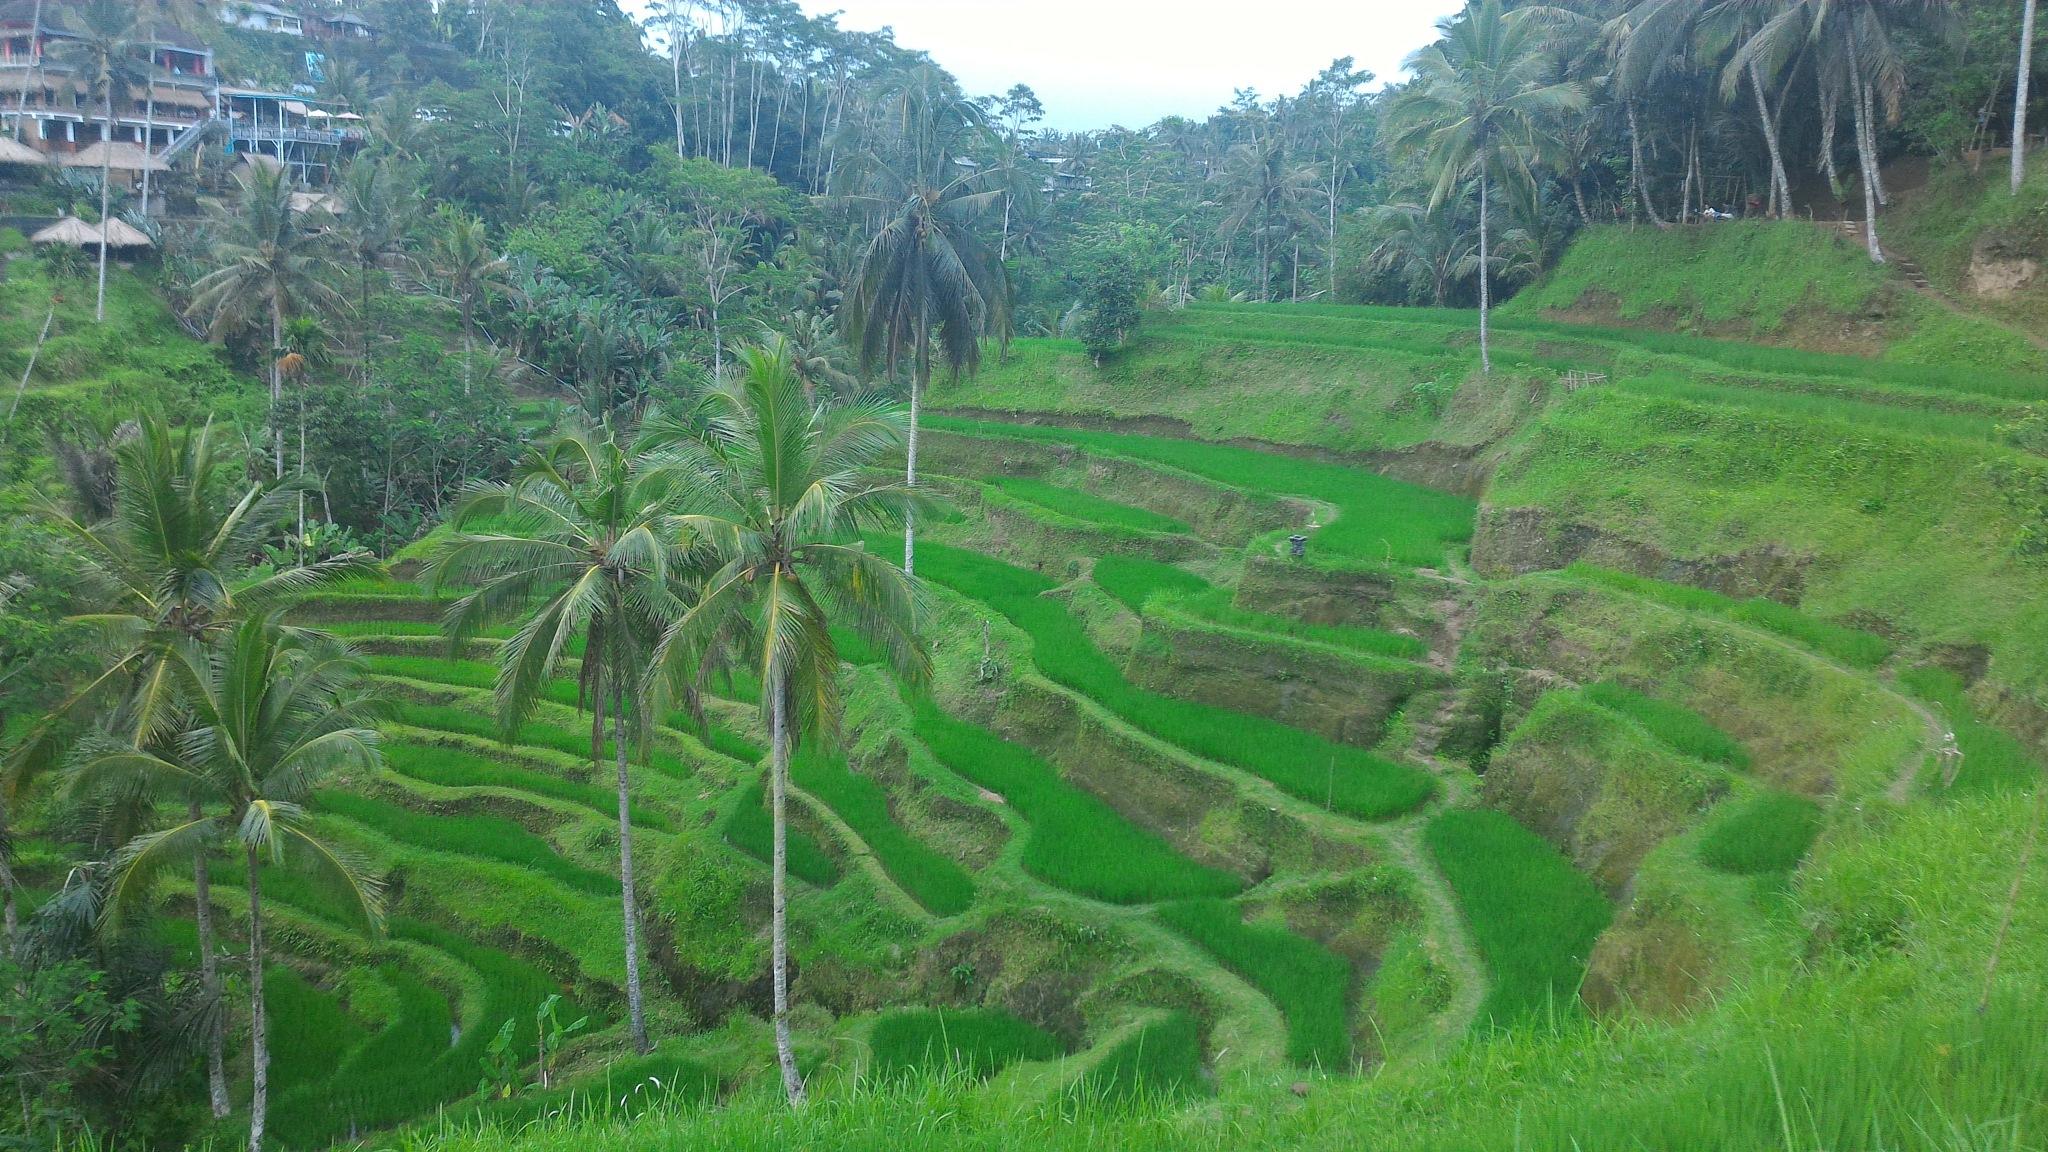 Terraced rice fields  by Putu Ermayana